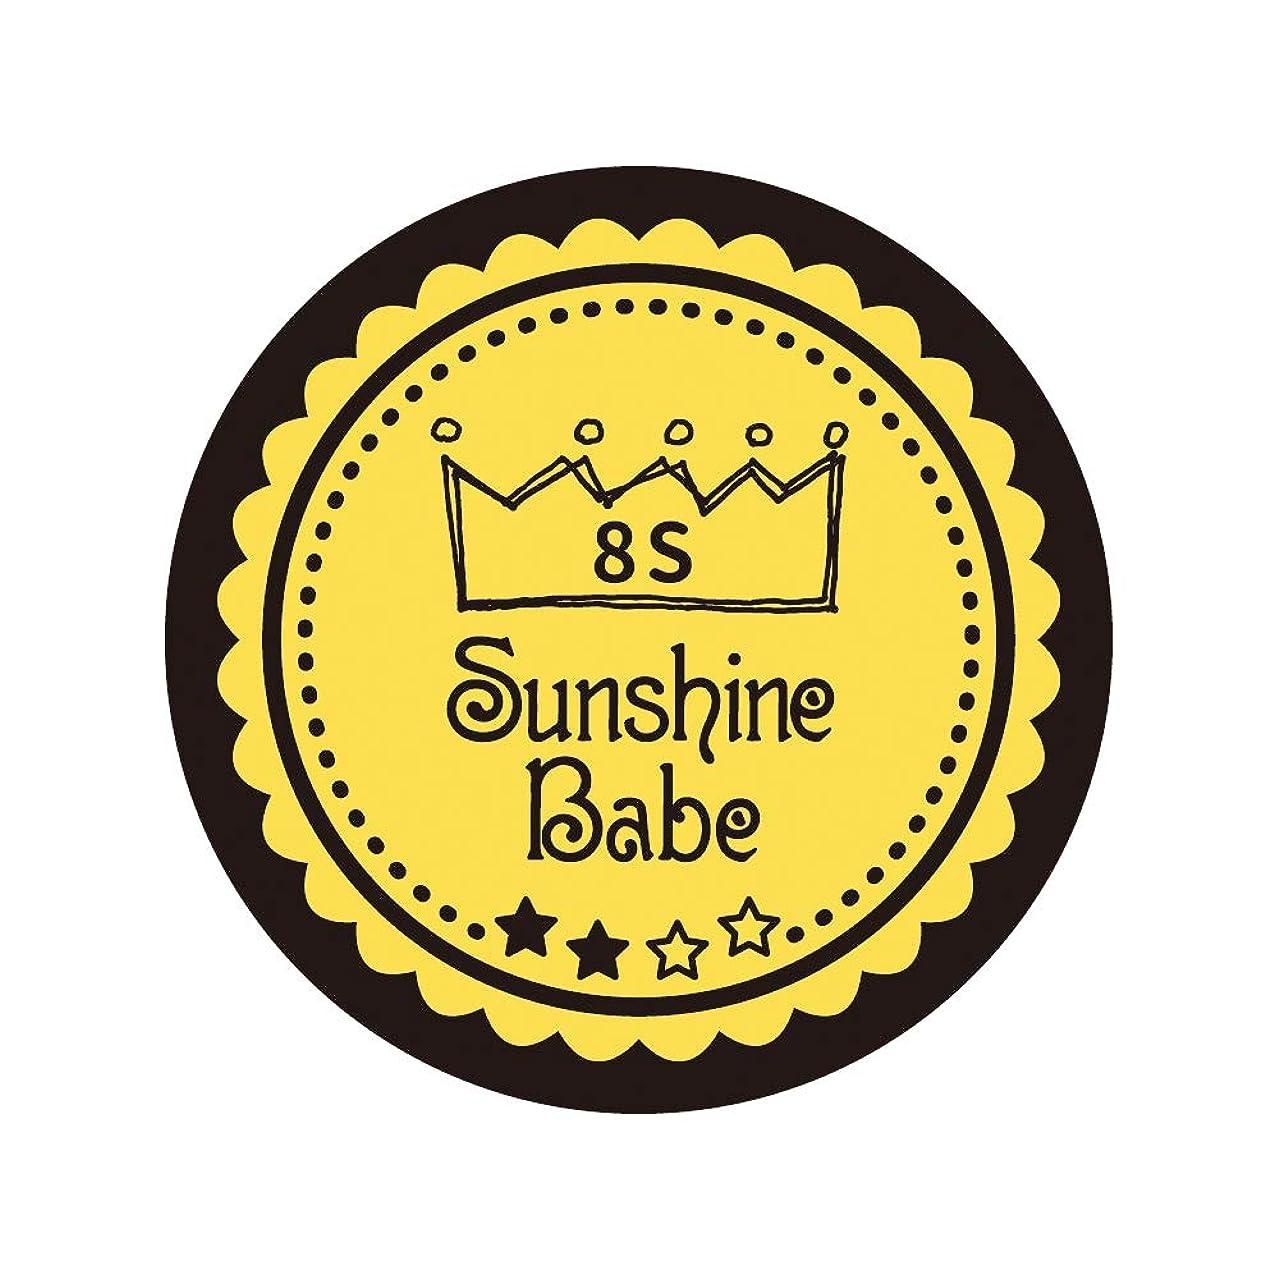 密接にフェロー諸島急性Sunshine Babe カラージェル 8S メドウラーク 2.7g UV/LED対応